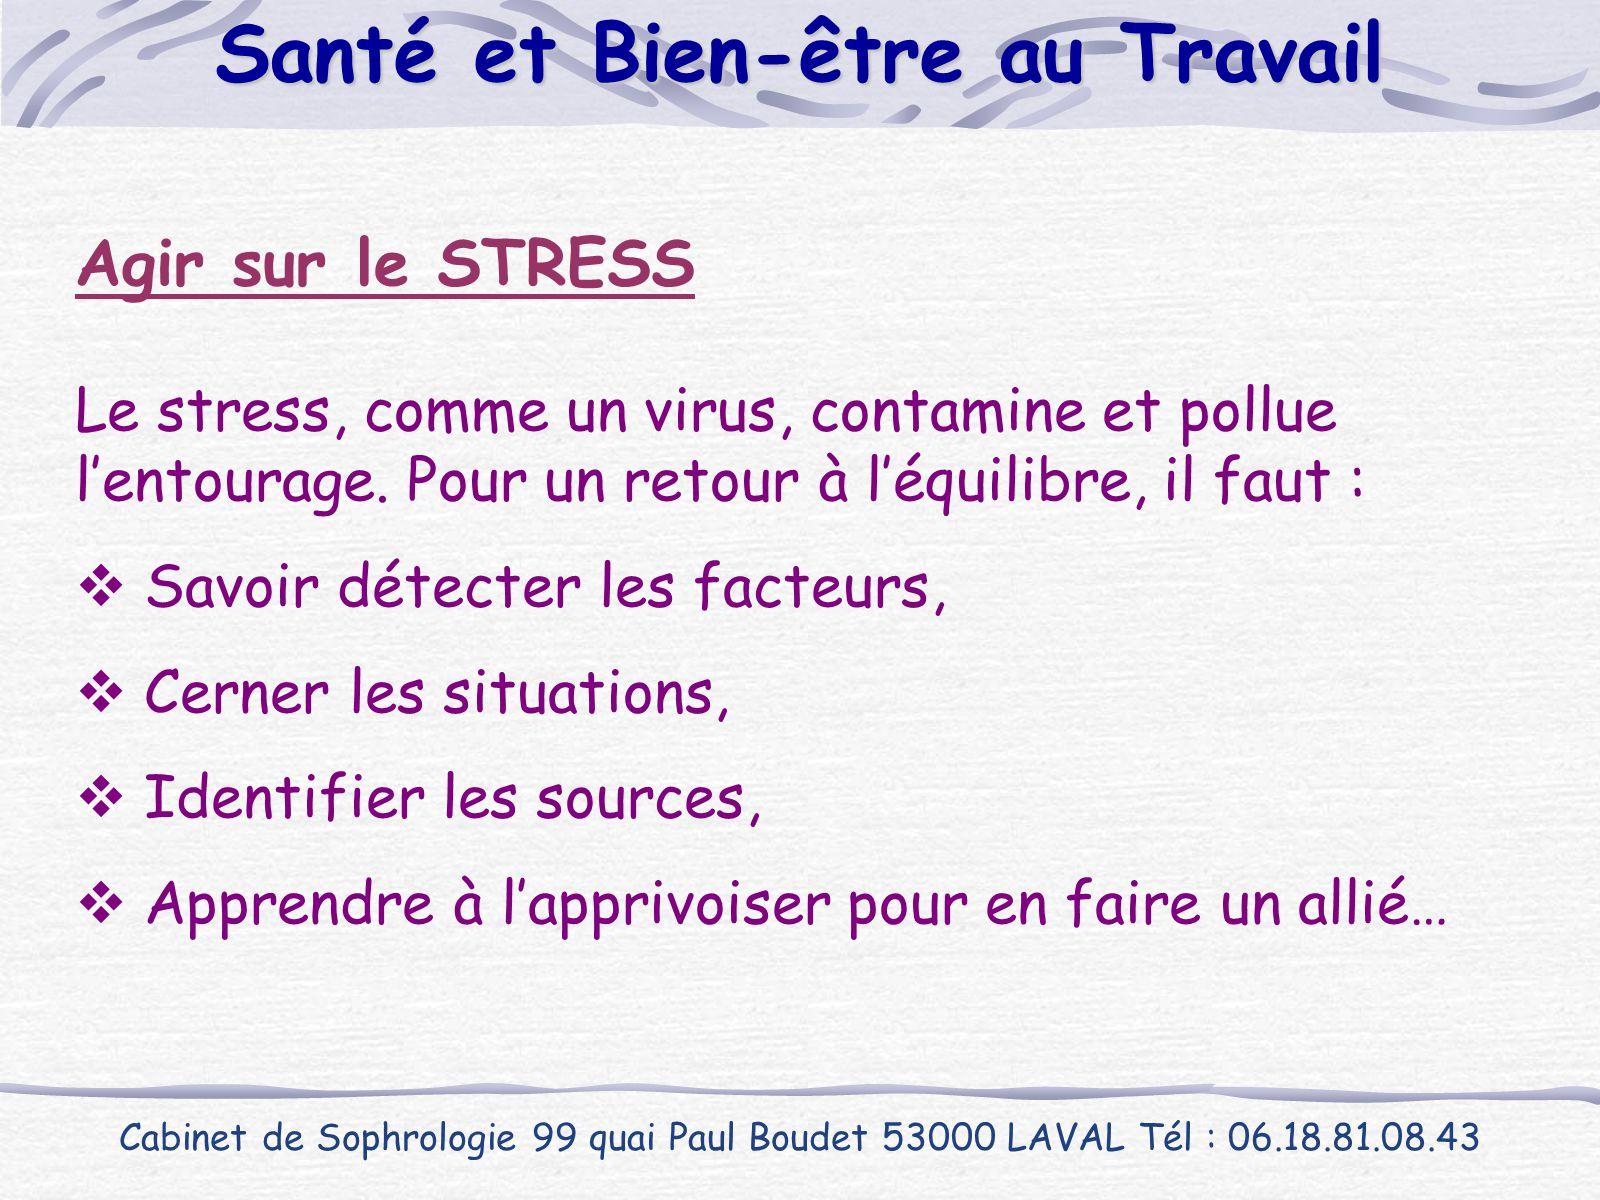 Agir sur le STRESS Le stress, comme un virus, contamine et pollue l'entourage. Pour un retour à l'équilibre, il faut :  Savoir détecter les facteurs,